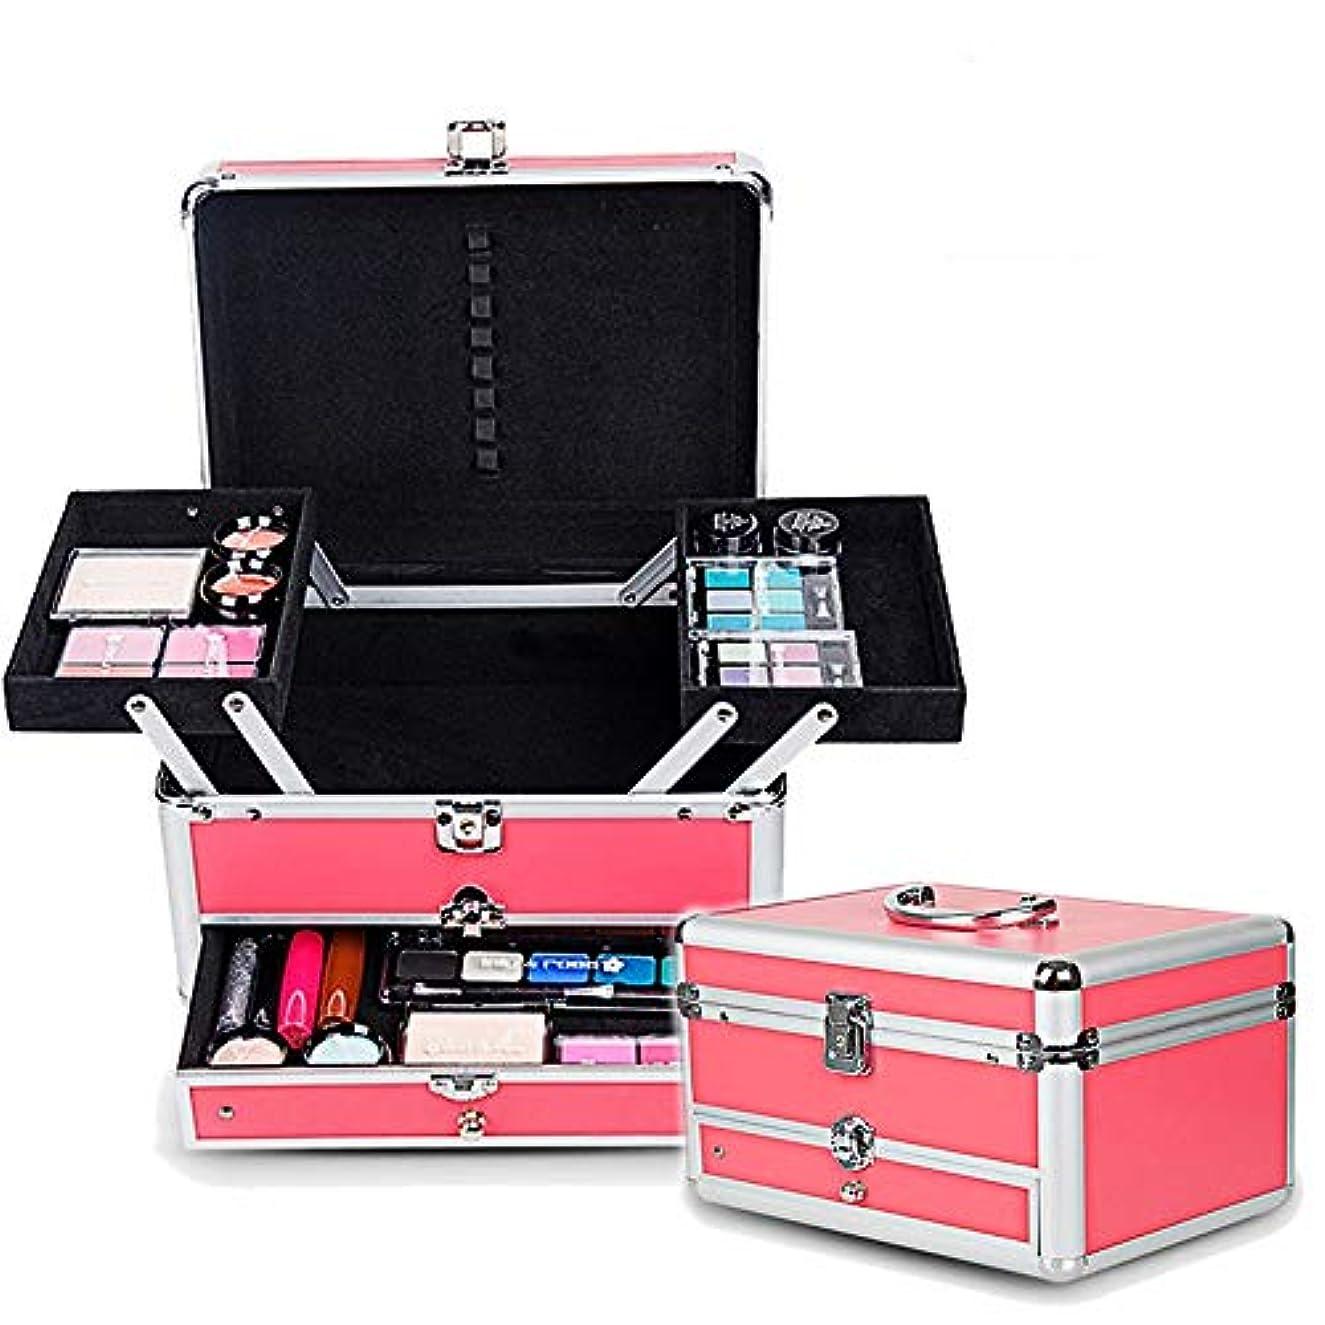 ヨーロッパ道徳クローゼット特大スペース収納ビューティーボックス 女の子の女性旅行のための新しく、実用的な携帯用化粧箱およびロックおよび皿が付いている毎日の貯蔵 化粧品化粧台 (色 : ピンク)